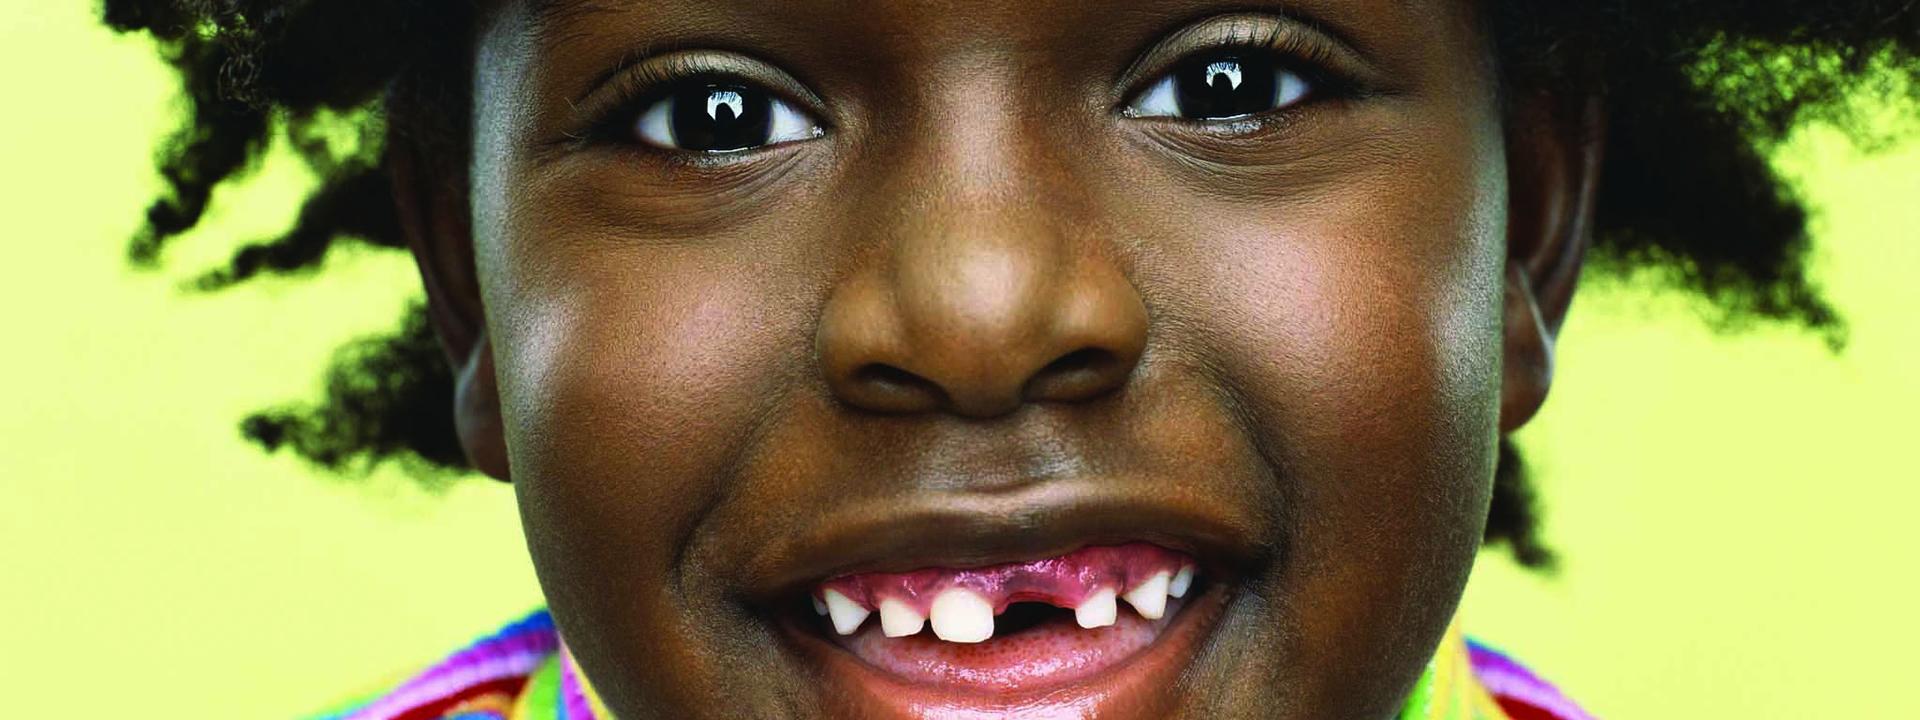 郡山駅ビル1Fの歯医者、郡山ユニバース歯科クリニック メインイメージ01